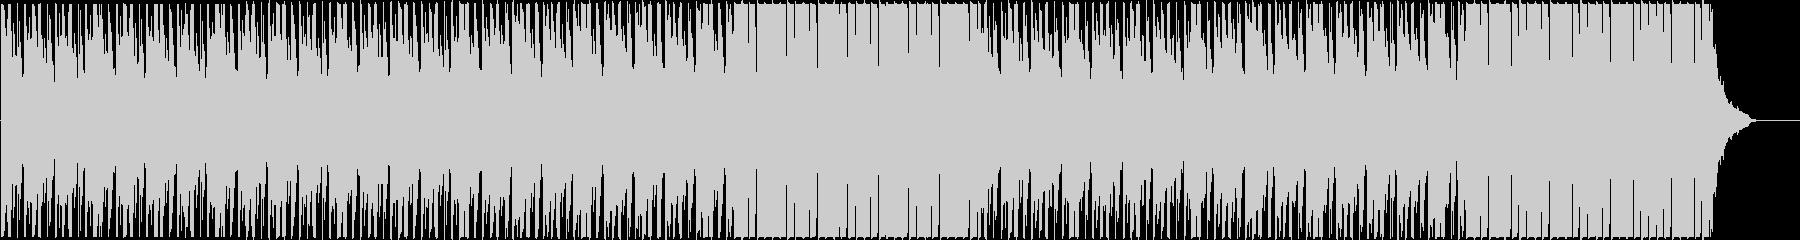 企業VPに 幻想的・幸福 ピアノメインの未再生の波形